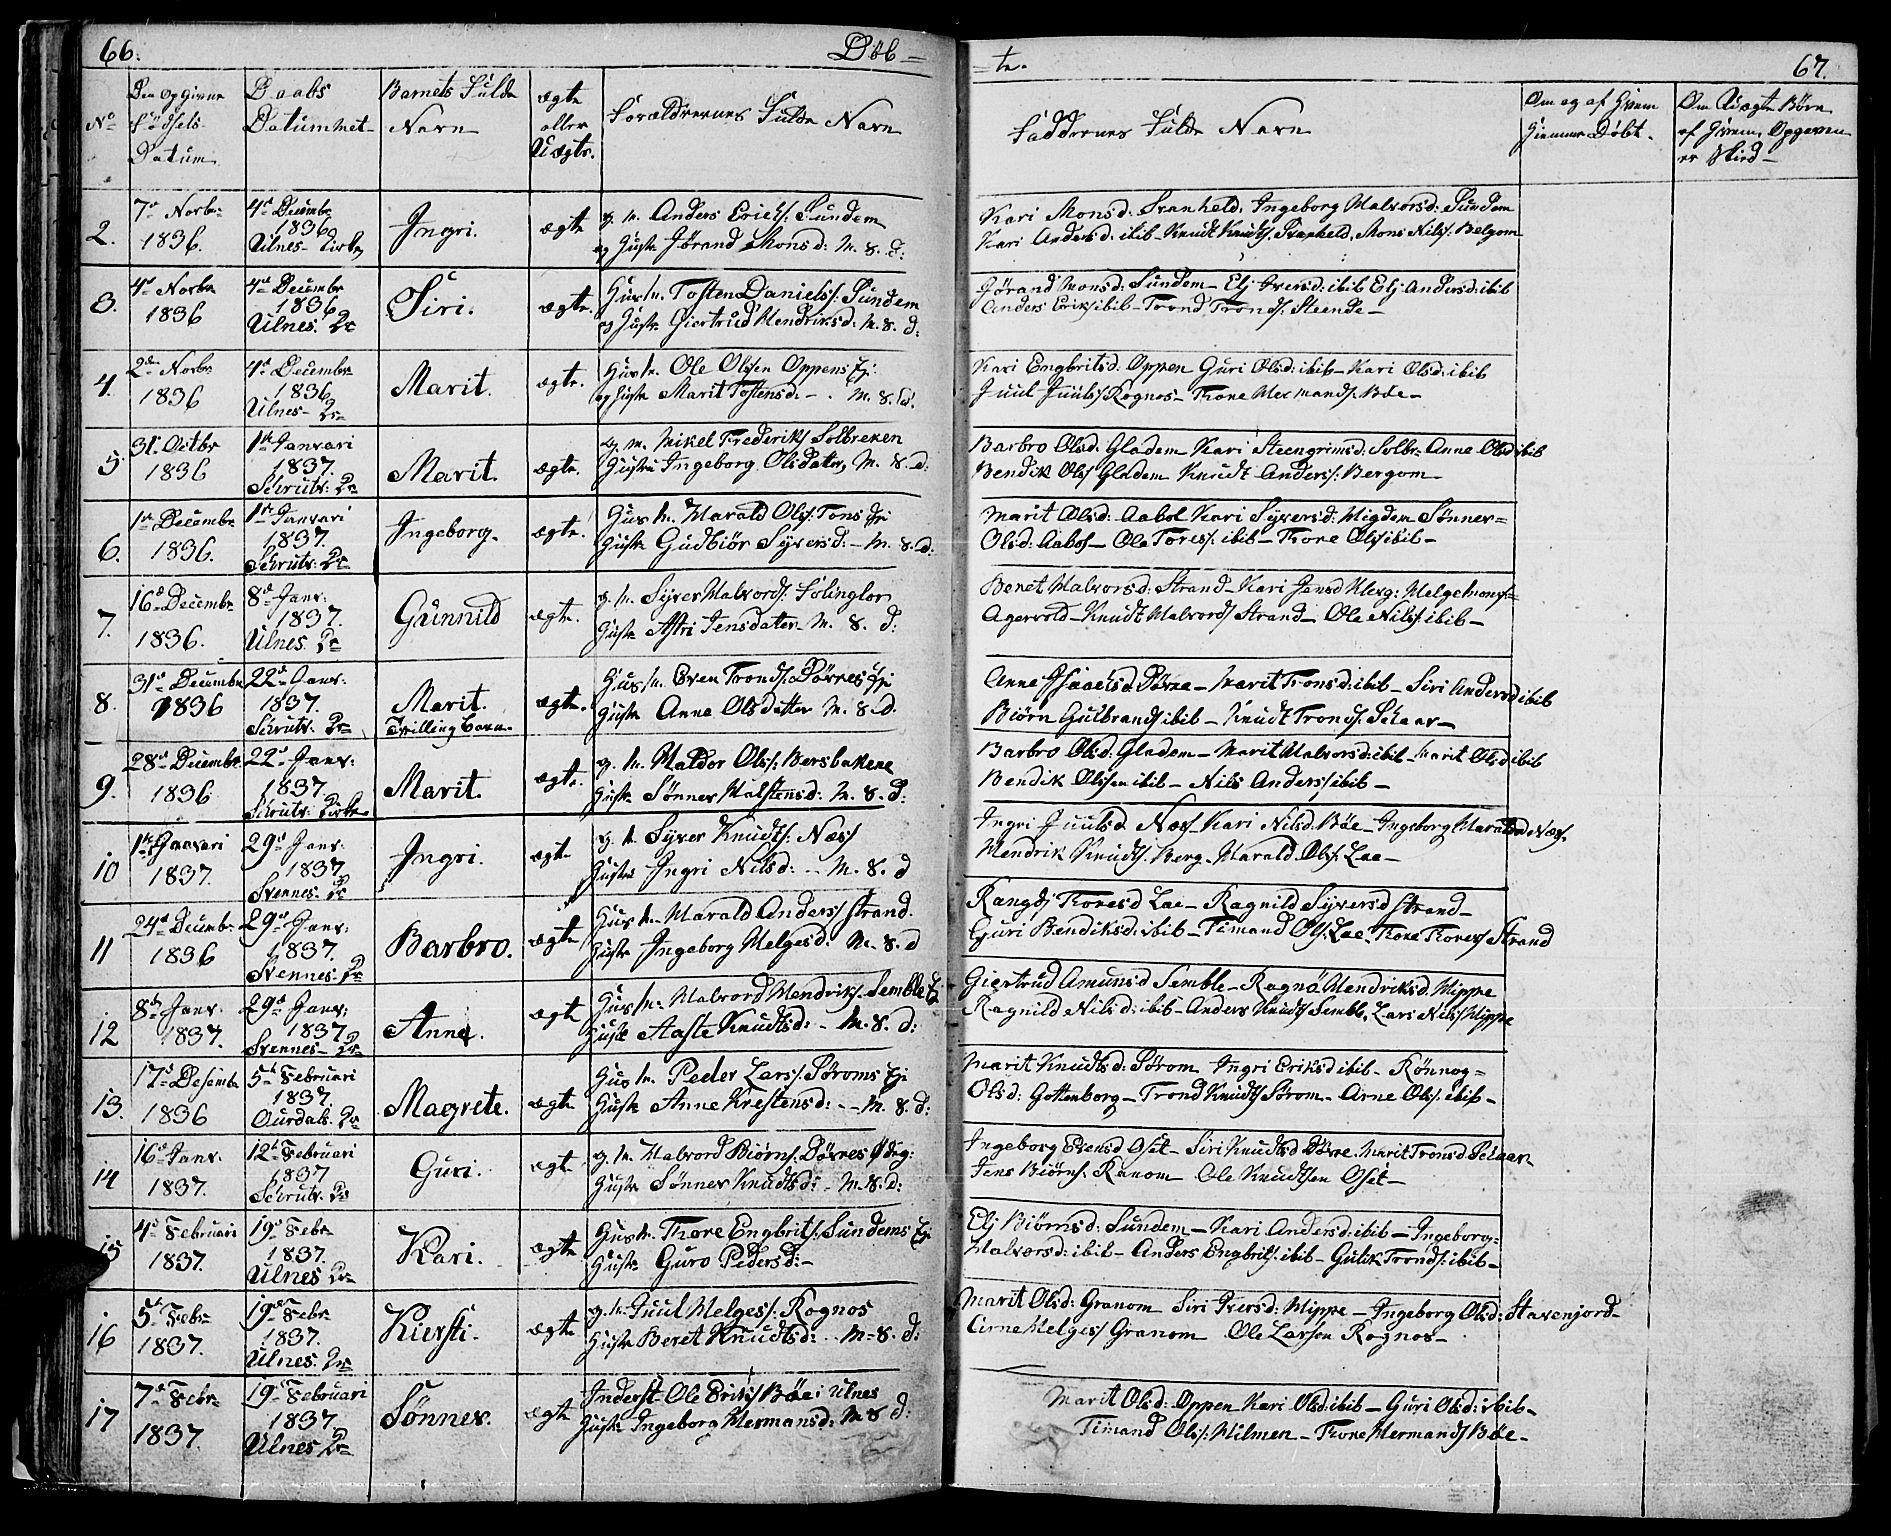 SAH, Nord-Aurdal prestekontor, Klokkerbok nr. 1, 1834-1887, s. 66-67